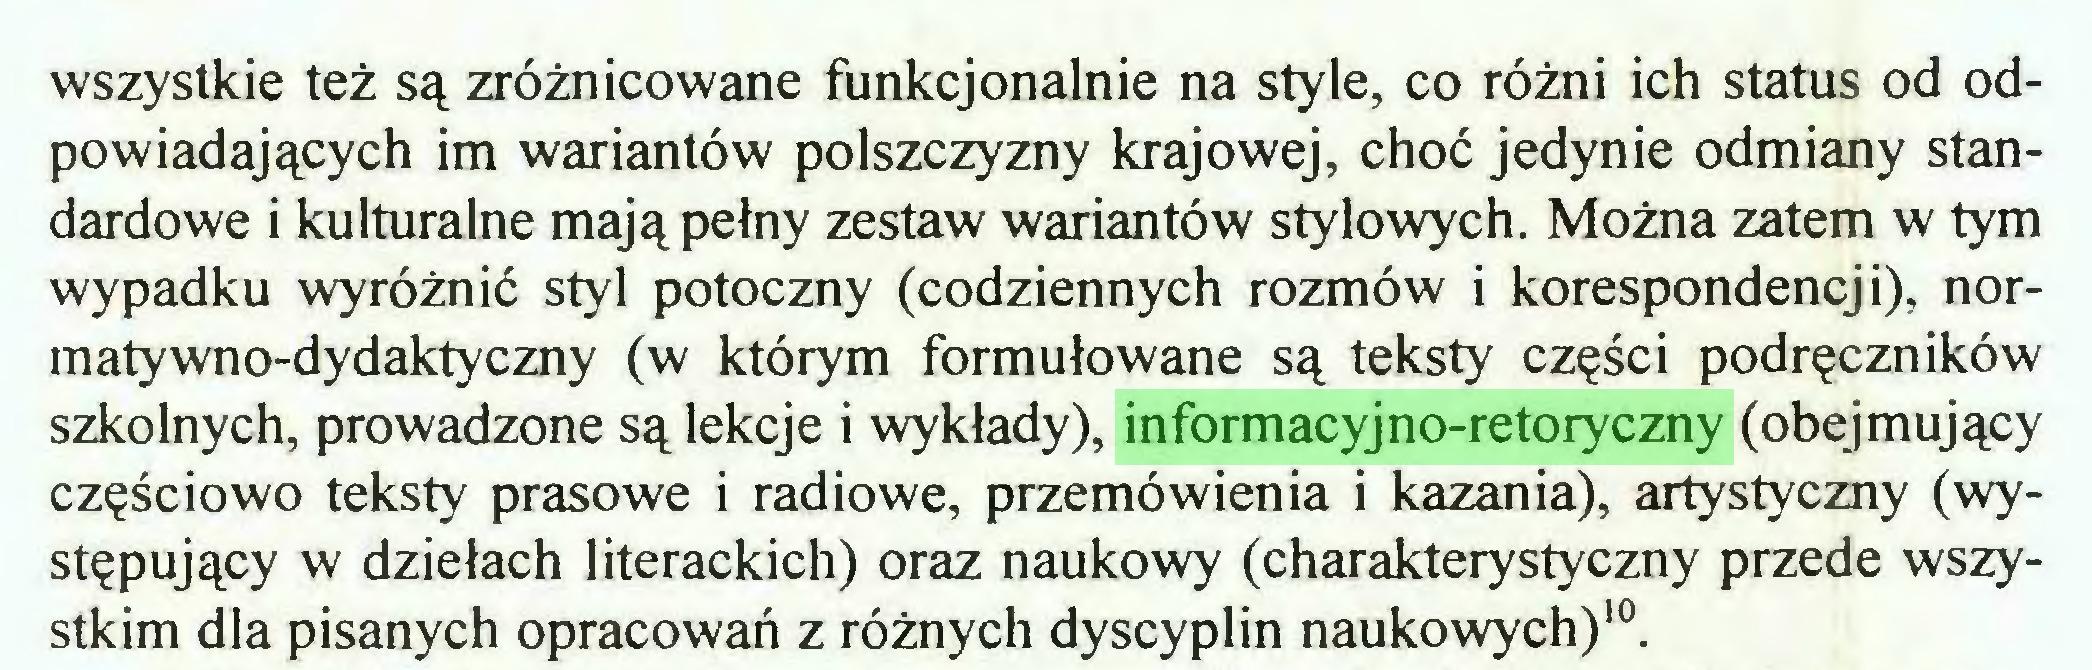 (...) wszystkie też są zróżnicowane funkcjonalnie na style, co różni ich status od odpowiadających im wariantów polszczyzny krajowej, choć jedynie odmiany standardowe i kulturalne mają pełny zestaw wariantów stylowych. Można zatem w tym wypadku wyróżnić styl potoczny (codziennych rozmów i korespondencji), normatywno-dydaktyczny (w którym formułowane są teksty części podręczników szkolnych, prowadzone są lekcje i wykłady), informacyjno-retoryczny (obejmujący częściowo teksty prasowe i radiowe, przemówienia i kazania), artystyczny (występujący w dziełach literackich) oraz naukowy (charakterystyczny przede wszystkim dla pisanych opracowań z różnych dyscyplin naukowych)10...